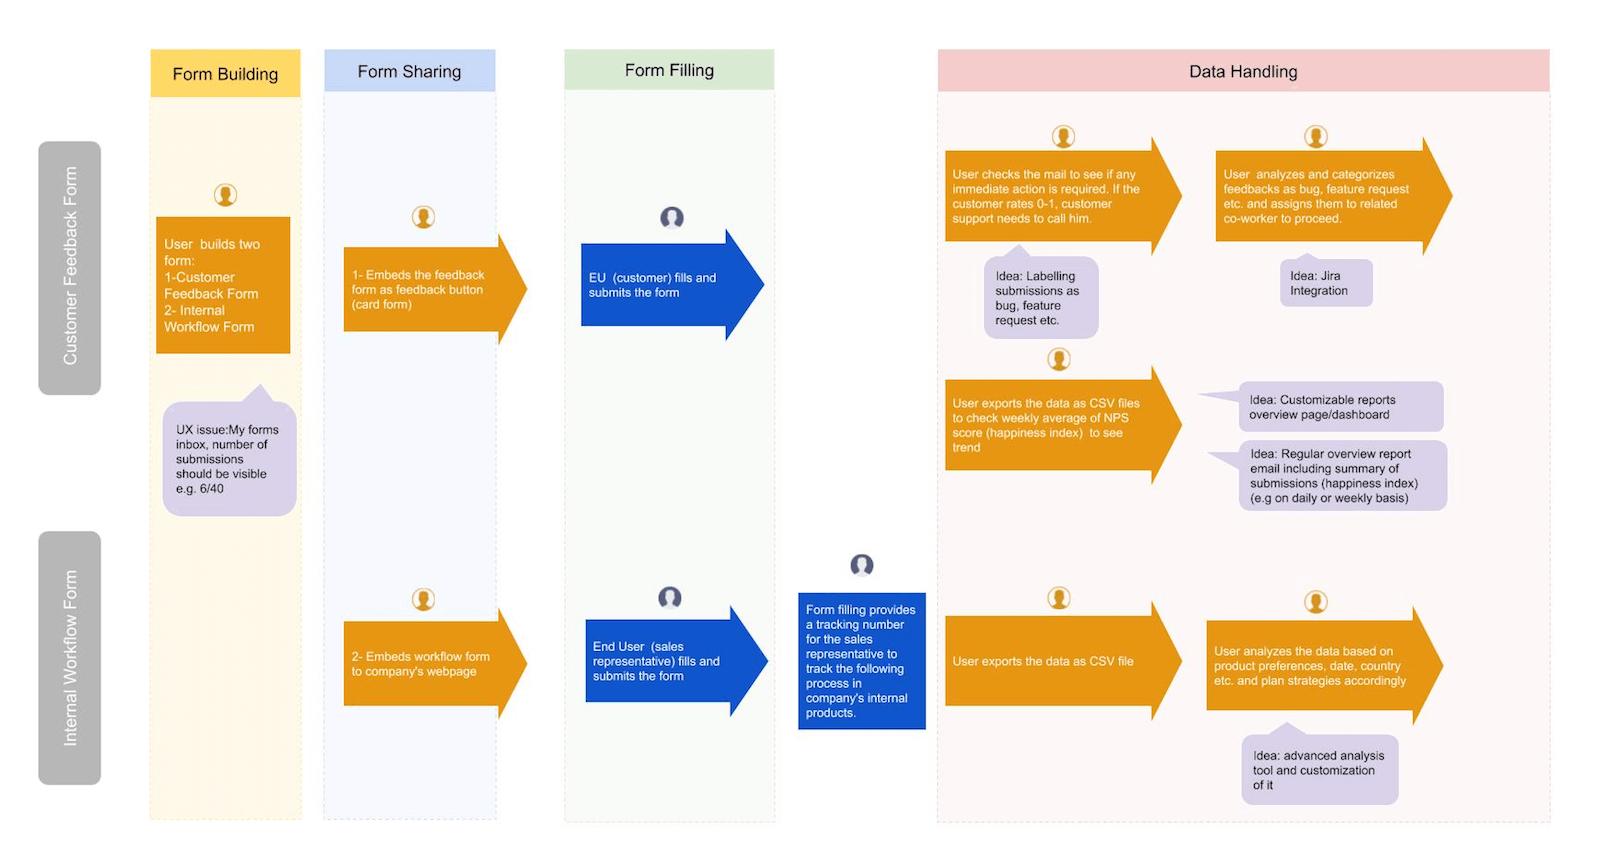 jotform-inbox-proposed-solutions